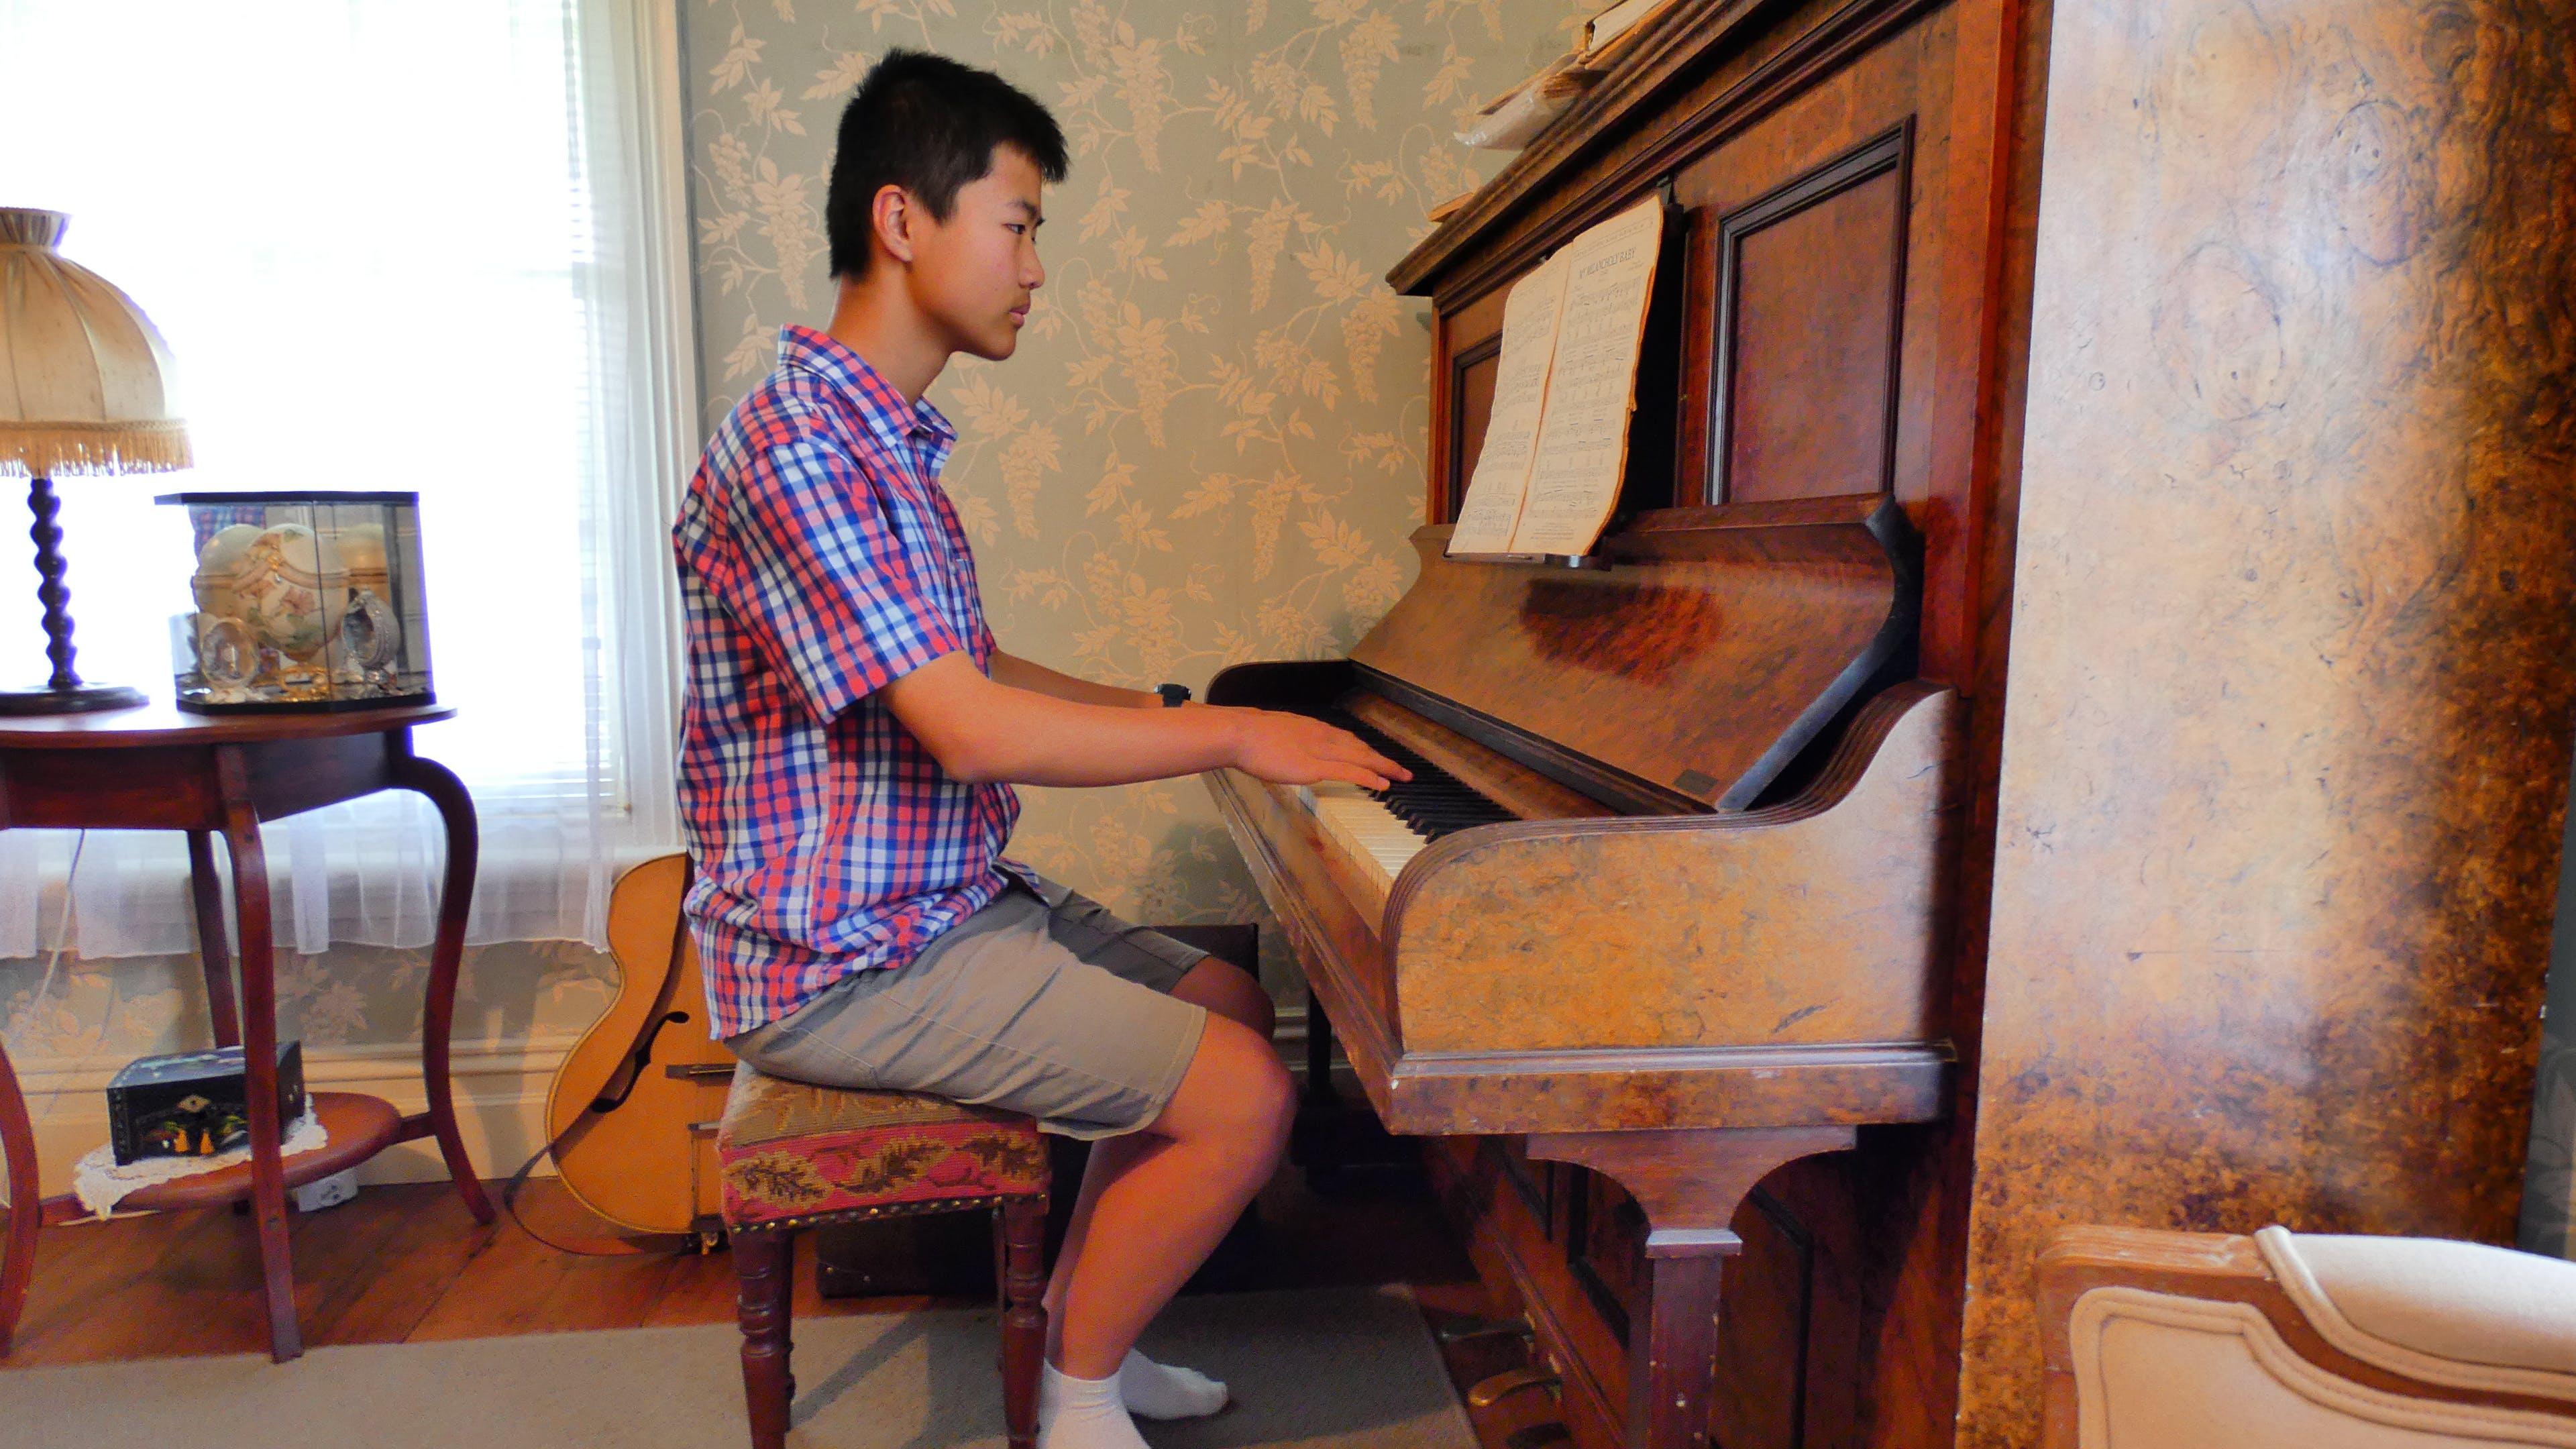 Δωρεάν στοκ φωτογραφιών με αγόρι, έφηβος, παλιό πιάνο, πιανίστας